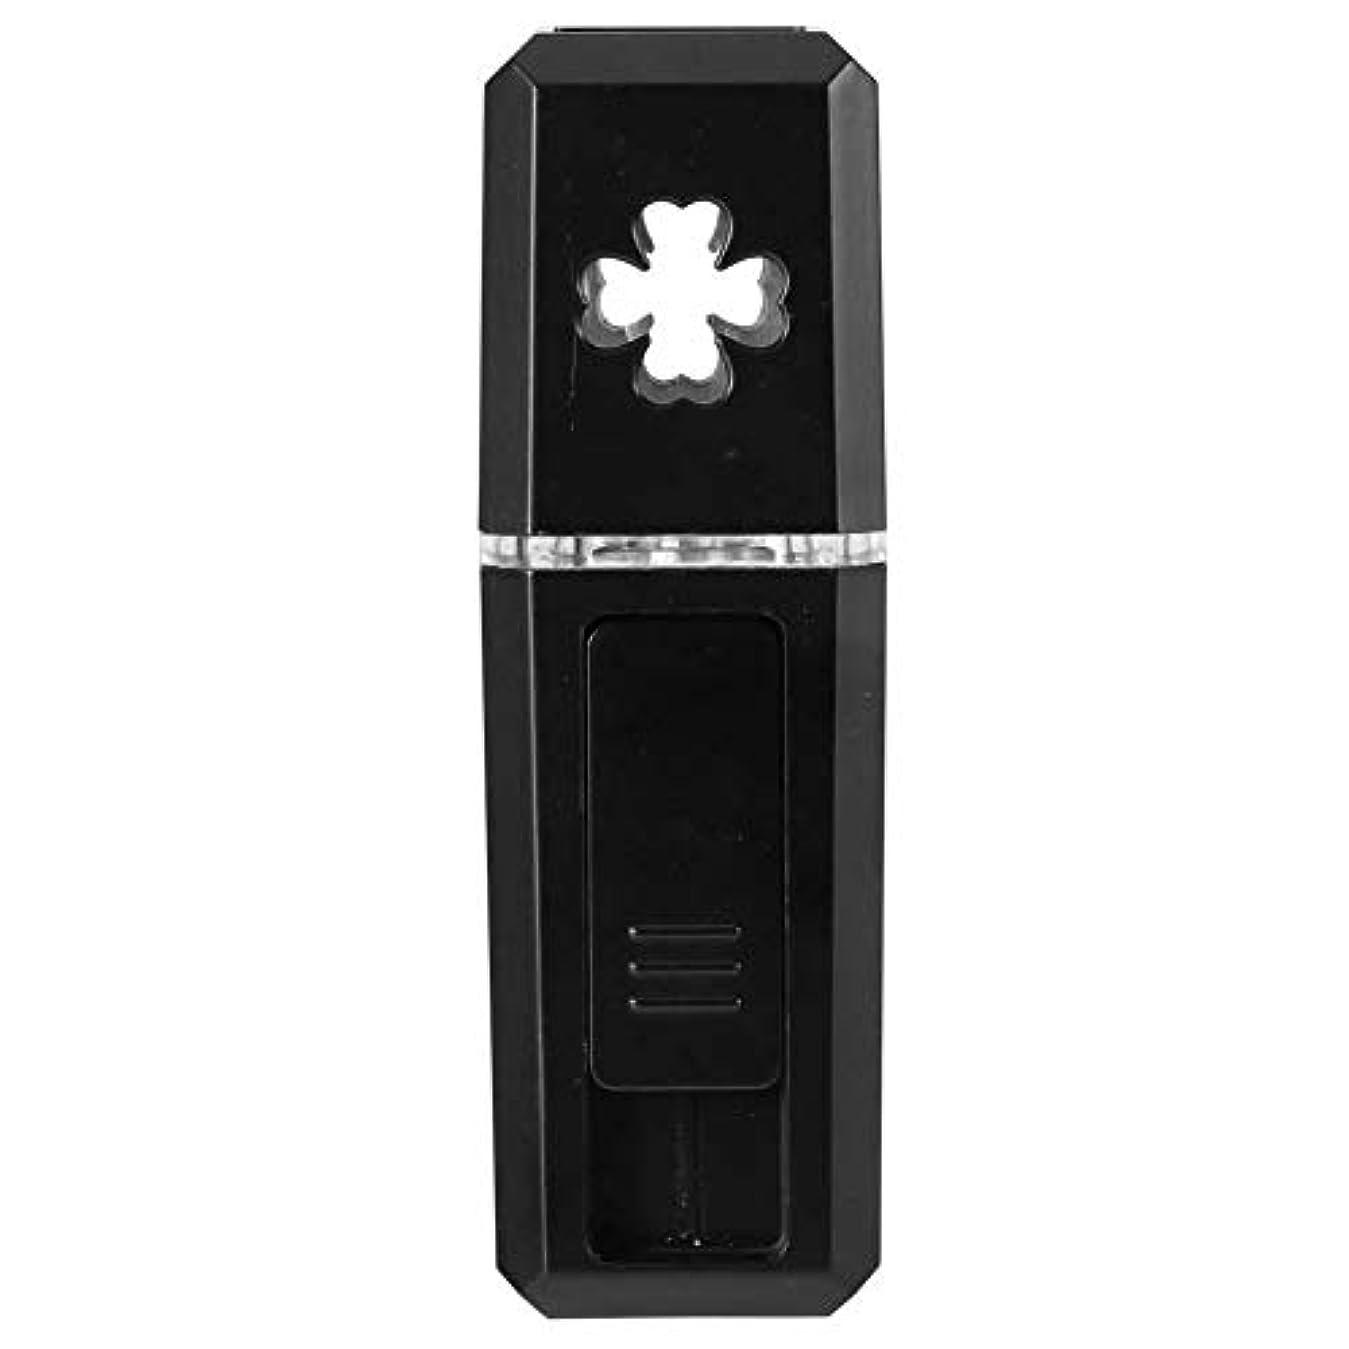 インレイ漫画勤勉な20ml口紅サイズミスト噴霧器、USB充電で保湿する便利なナノ噴霧機(02)